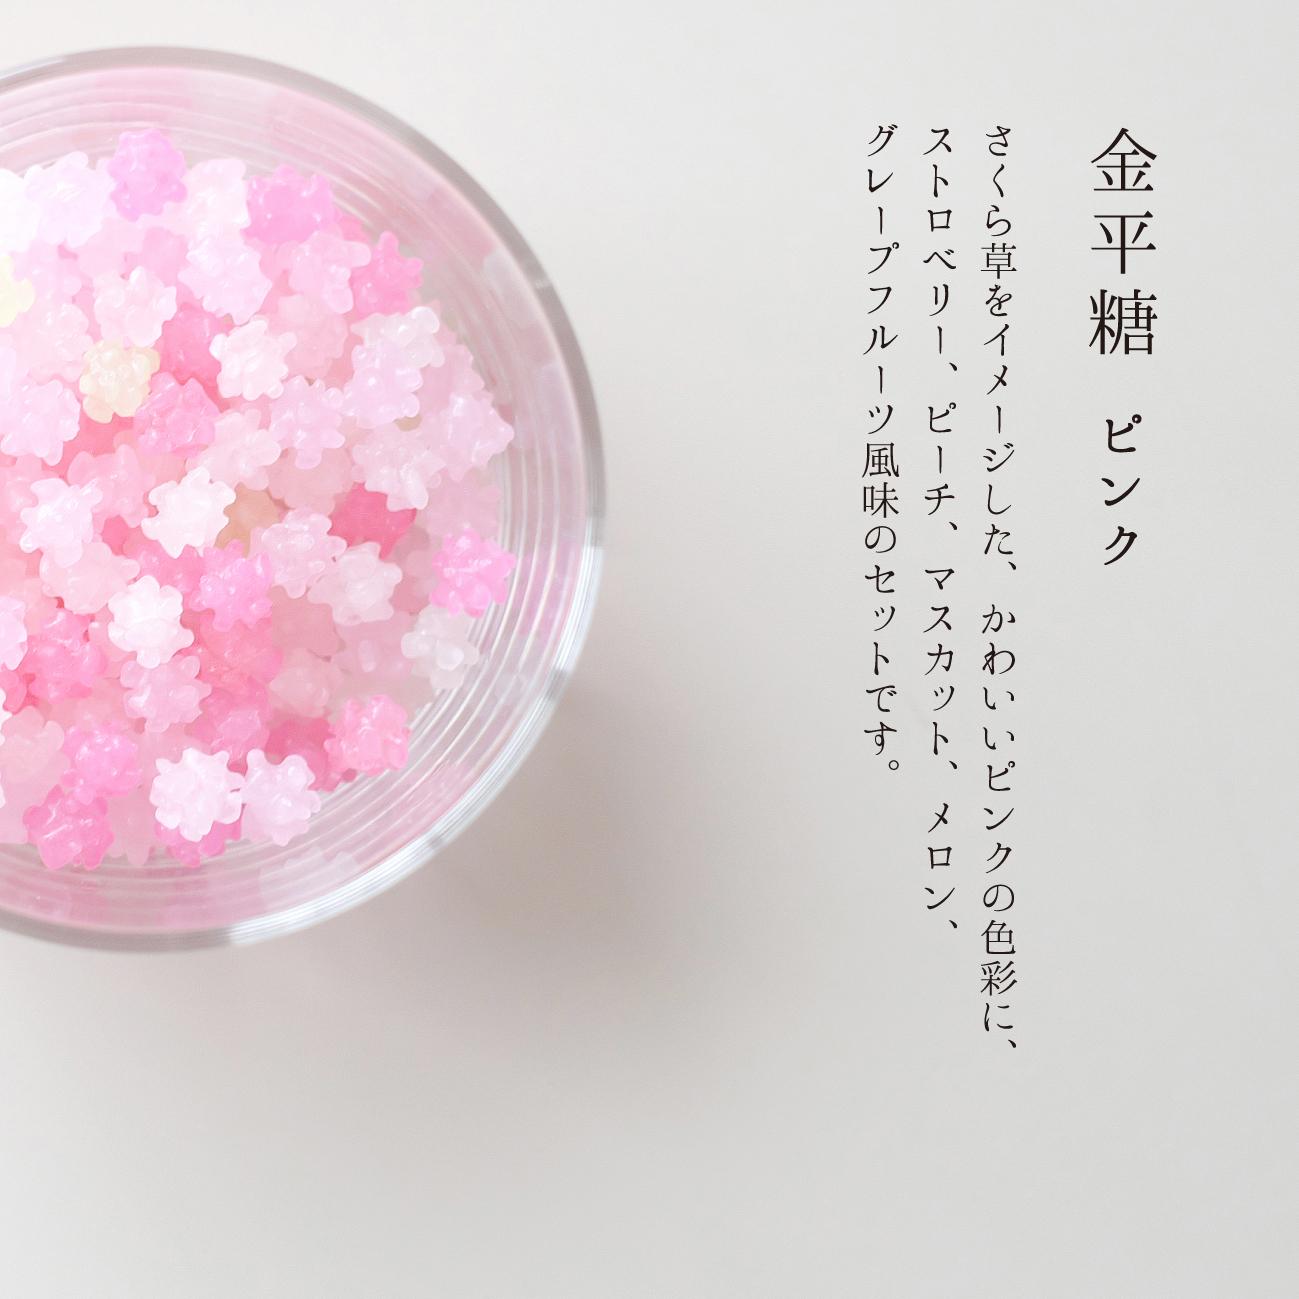 「ほわころくらぶ」手摺り型染め小箱 金平糖セット